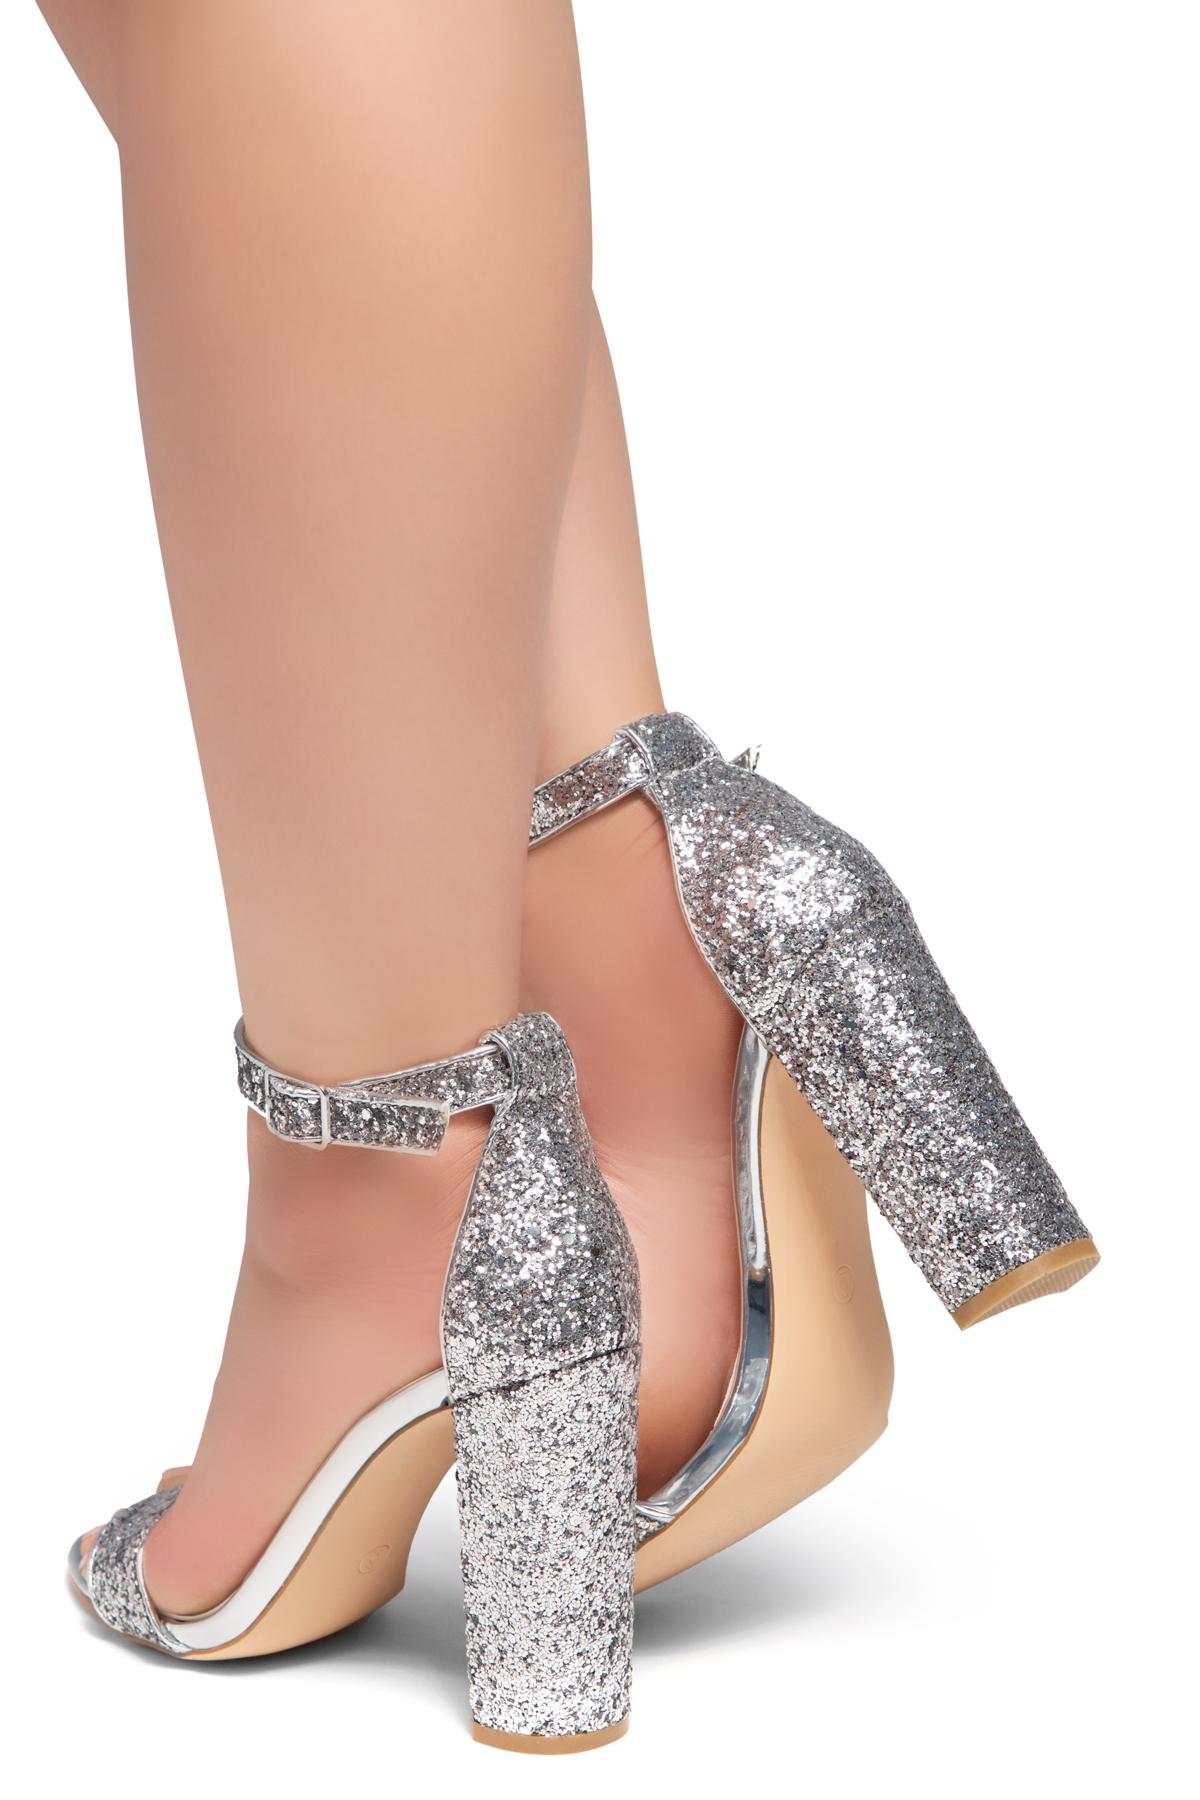 ee0b5591b07f HerStyle Rosemmina Open Toe Ankle Strap Chunky Heel (SilverGlitter)